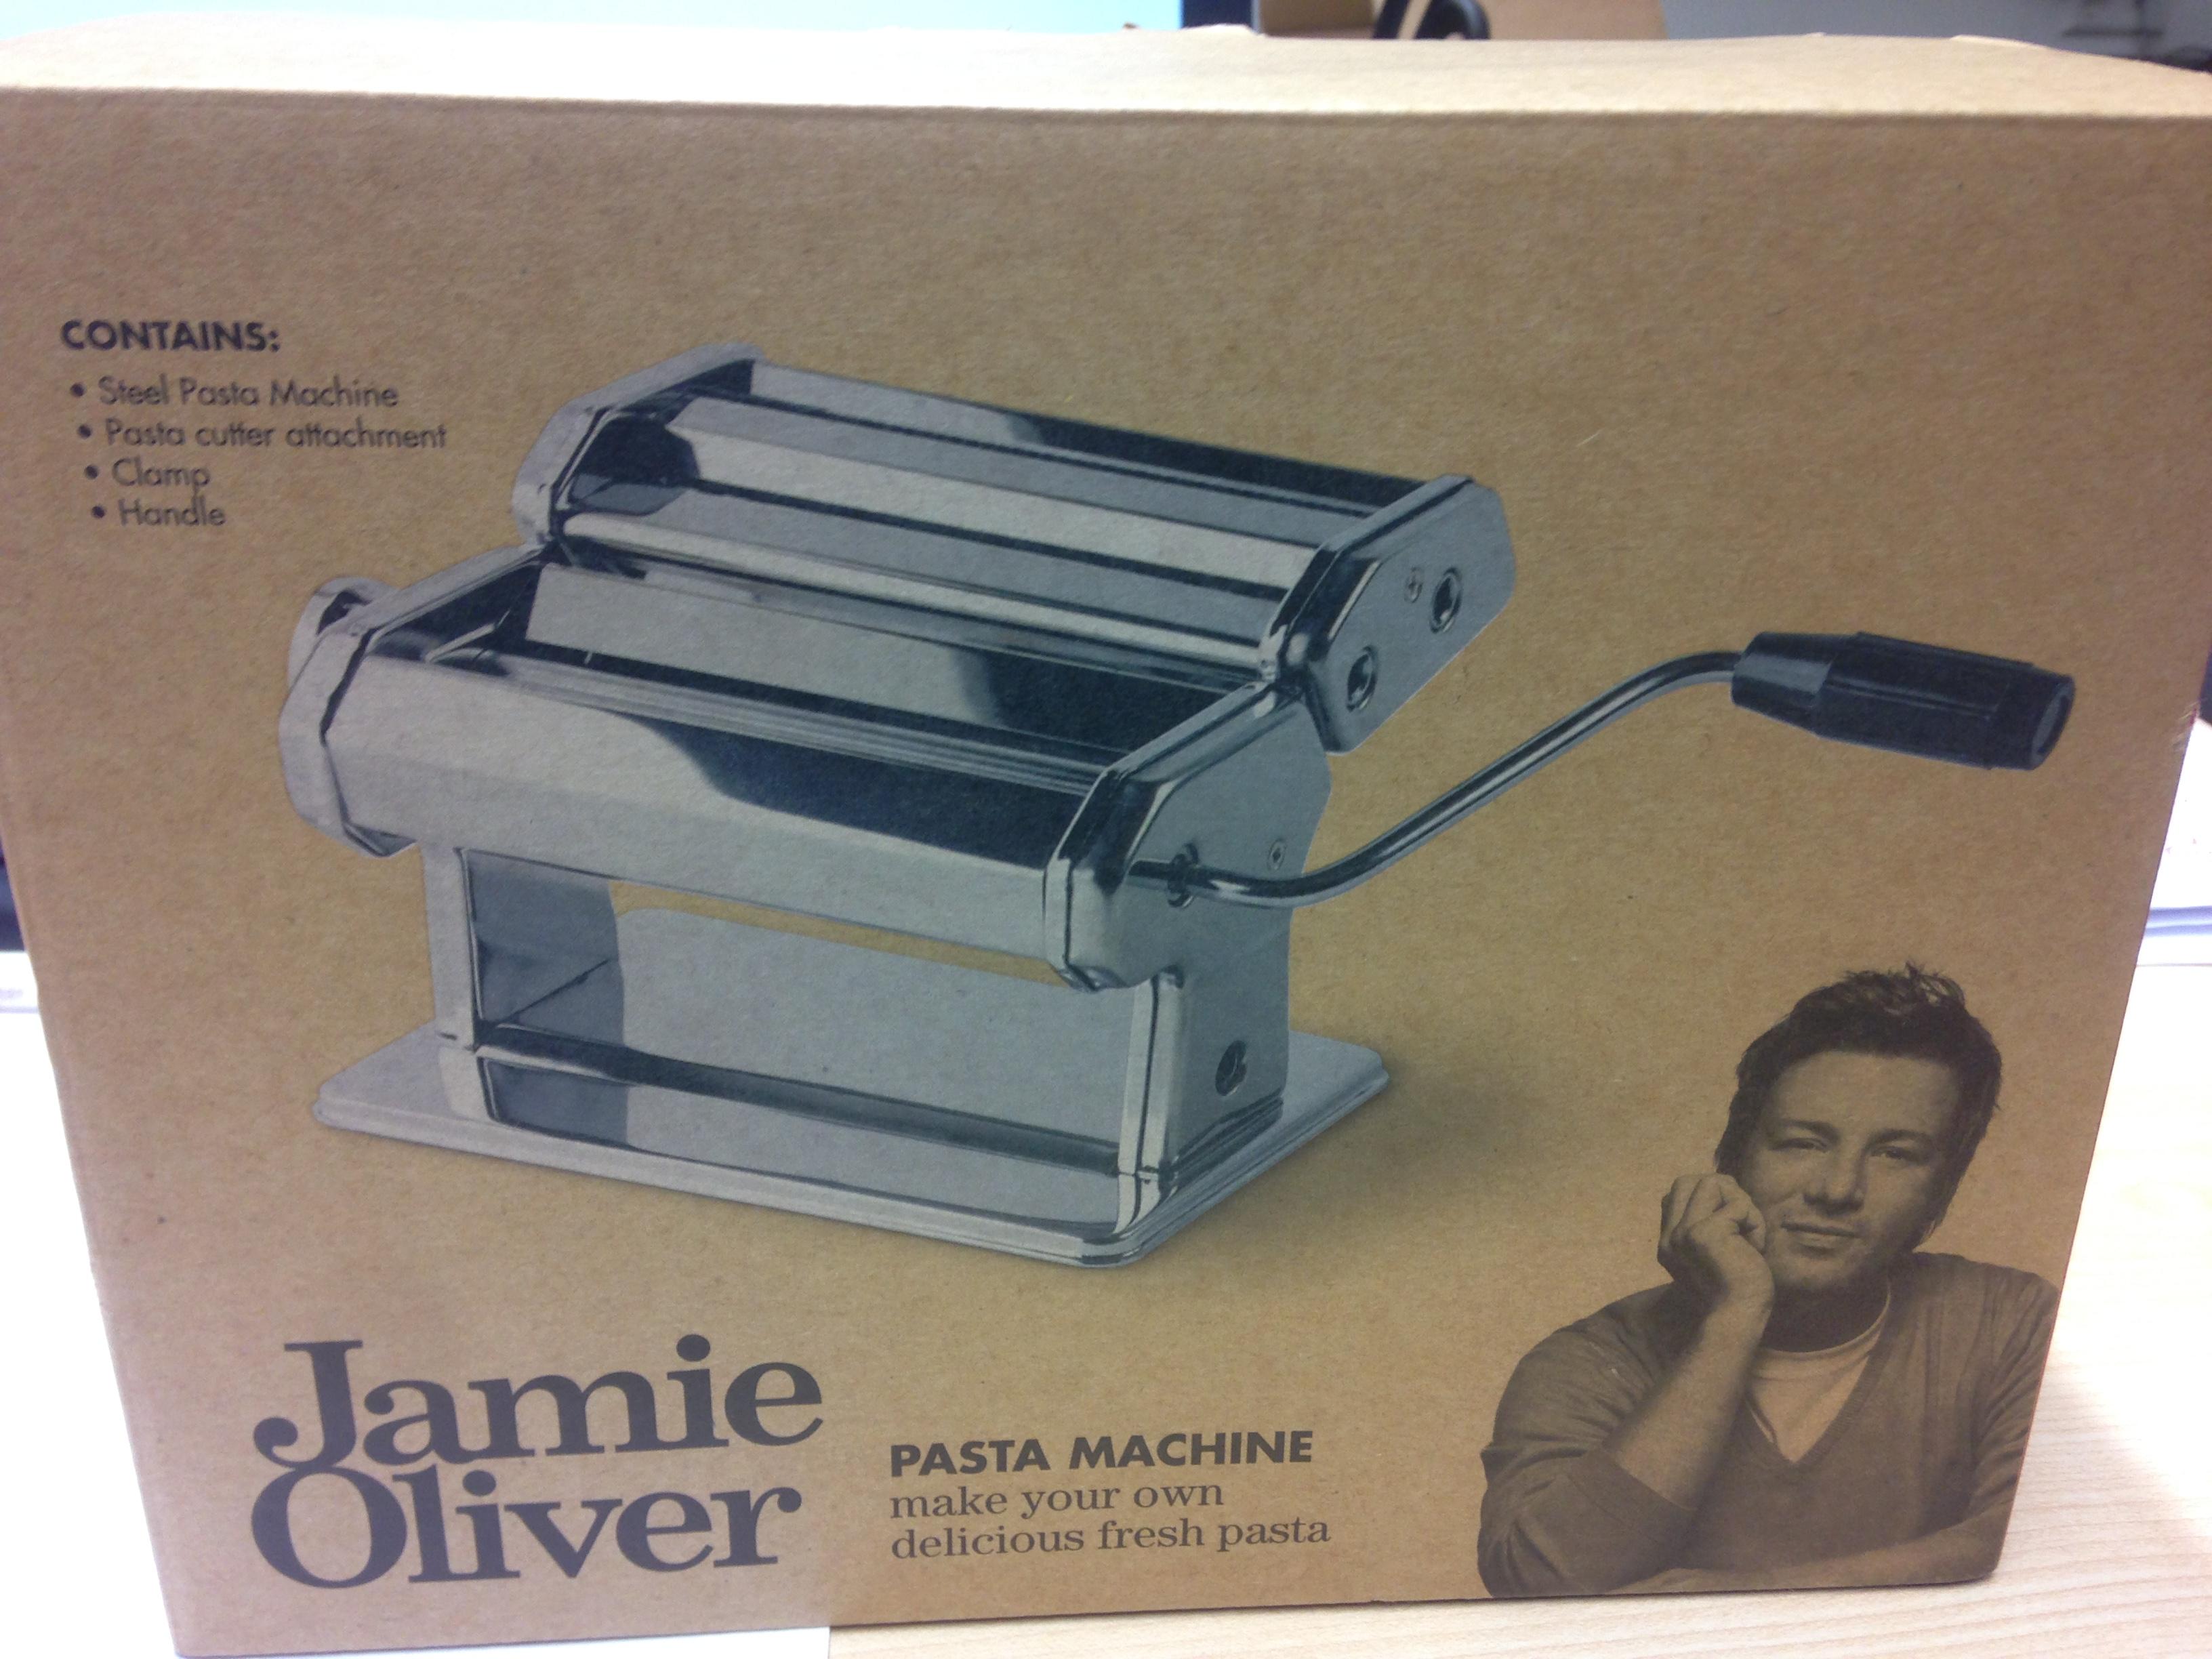 Jamie Oliver Pastamaschine 2.0 [REAL, Bundesweit] 15,00€ statt 39,95€